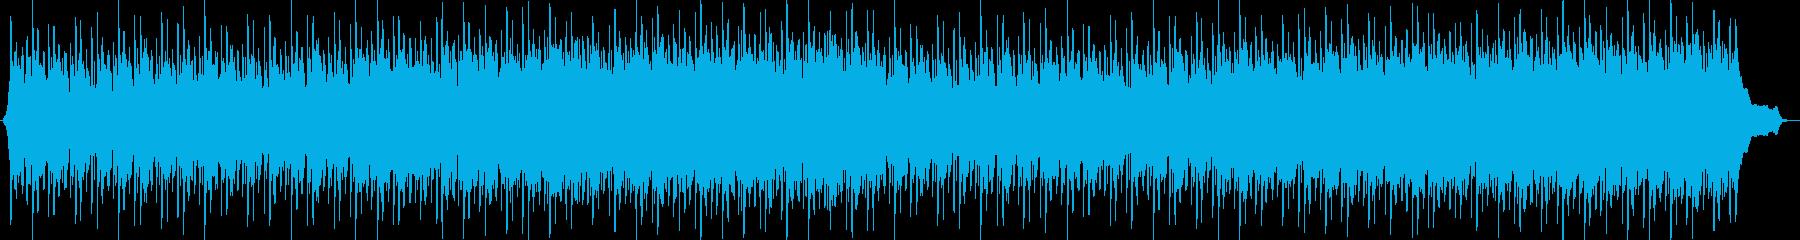 企業VP系114、爽やかギター4つ打ちaの再生済みの波形